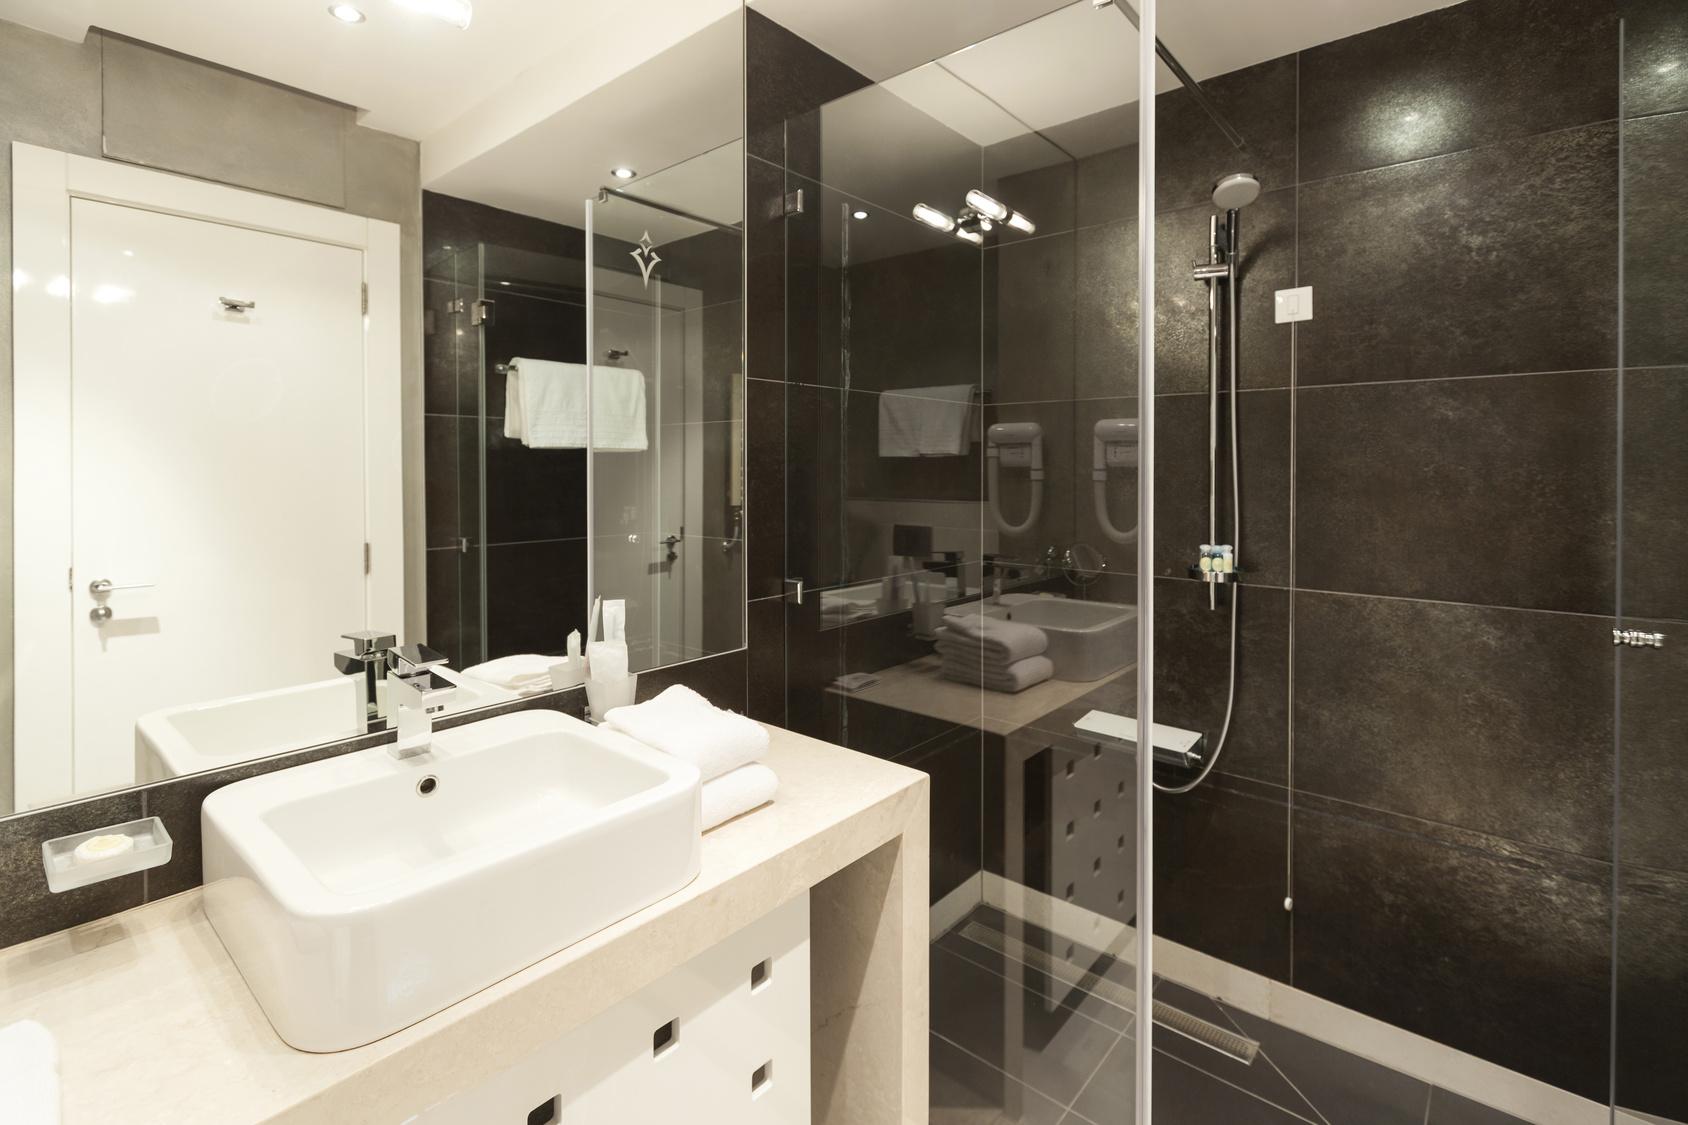 Norme lectrique salle de bain tout ce qu 39 il faut savoir for Norme electricite salle de bain